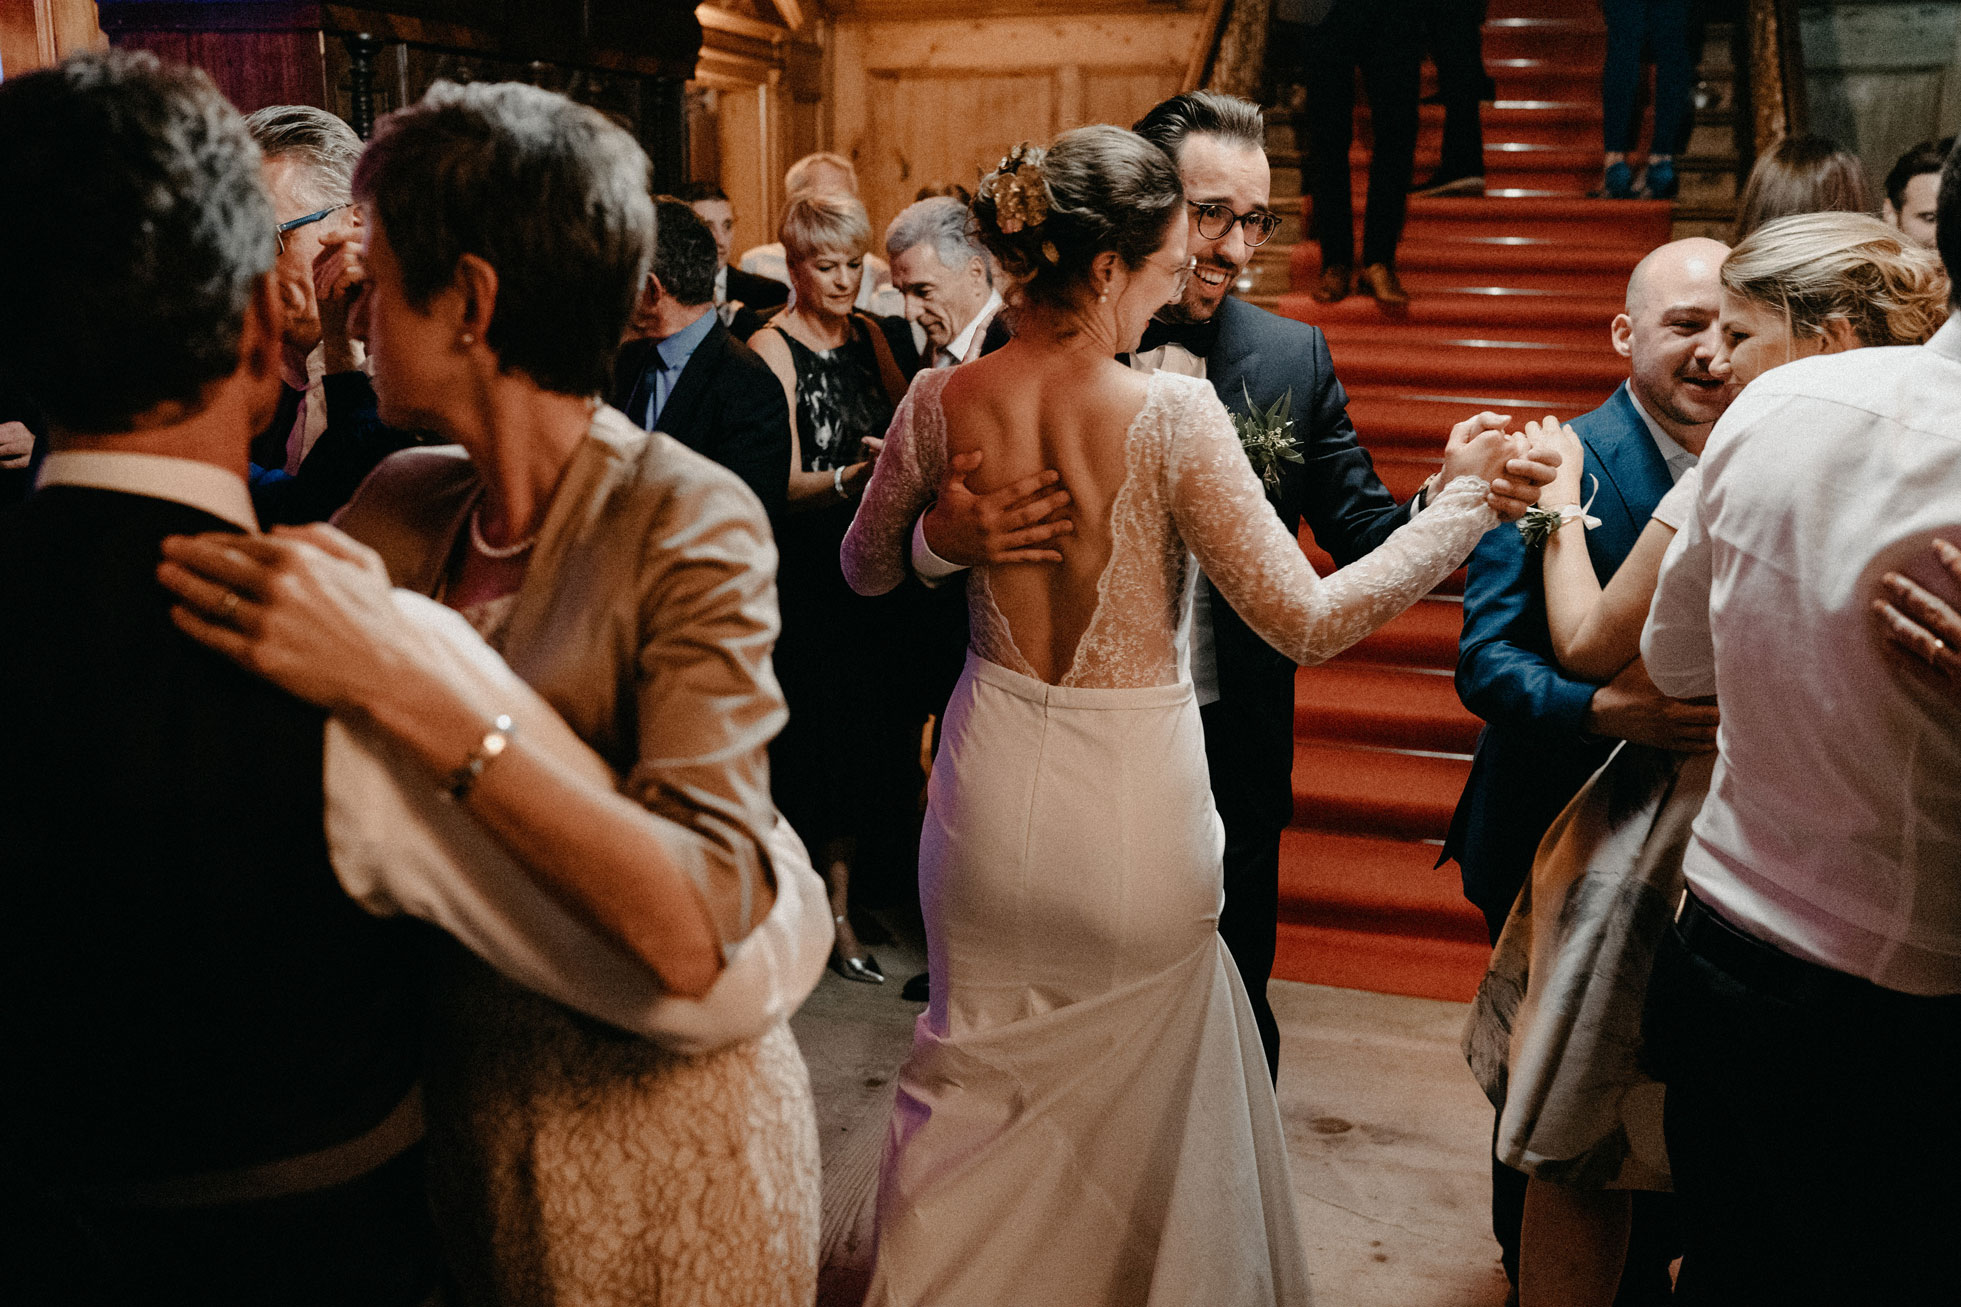 Hochzeit_Claire_Manuel_Villa_Maund_Daniel_Jenny-579.jpg